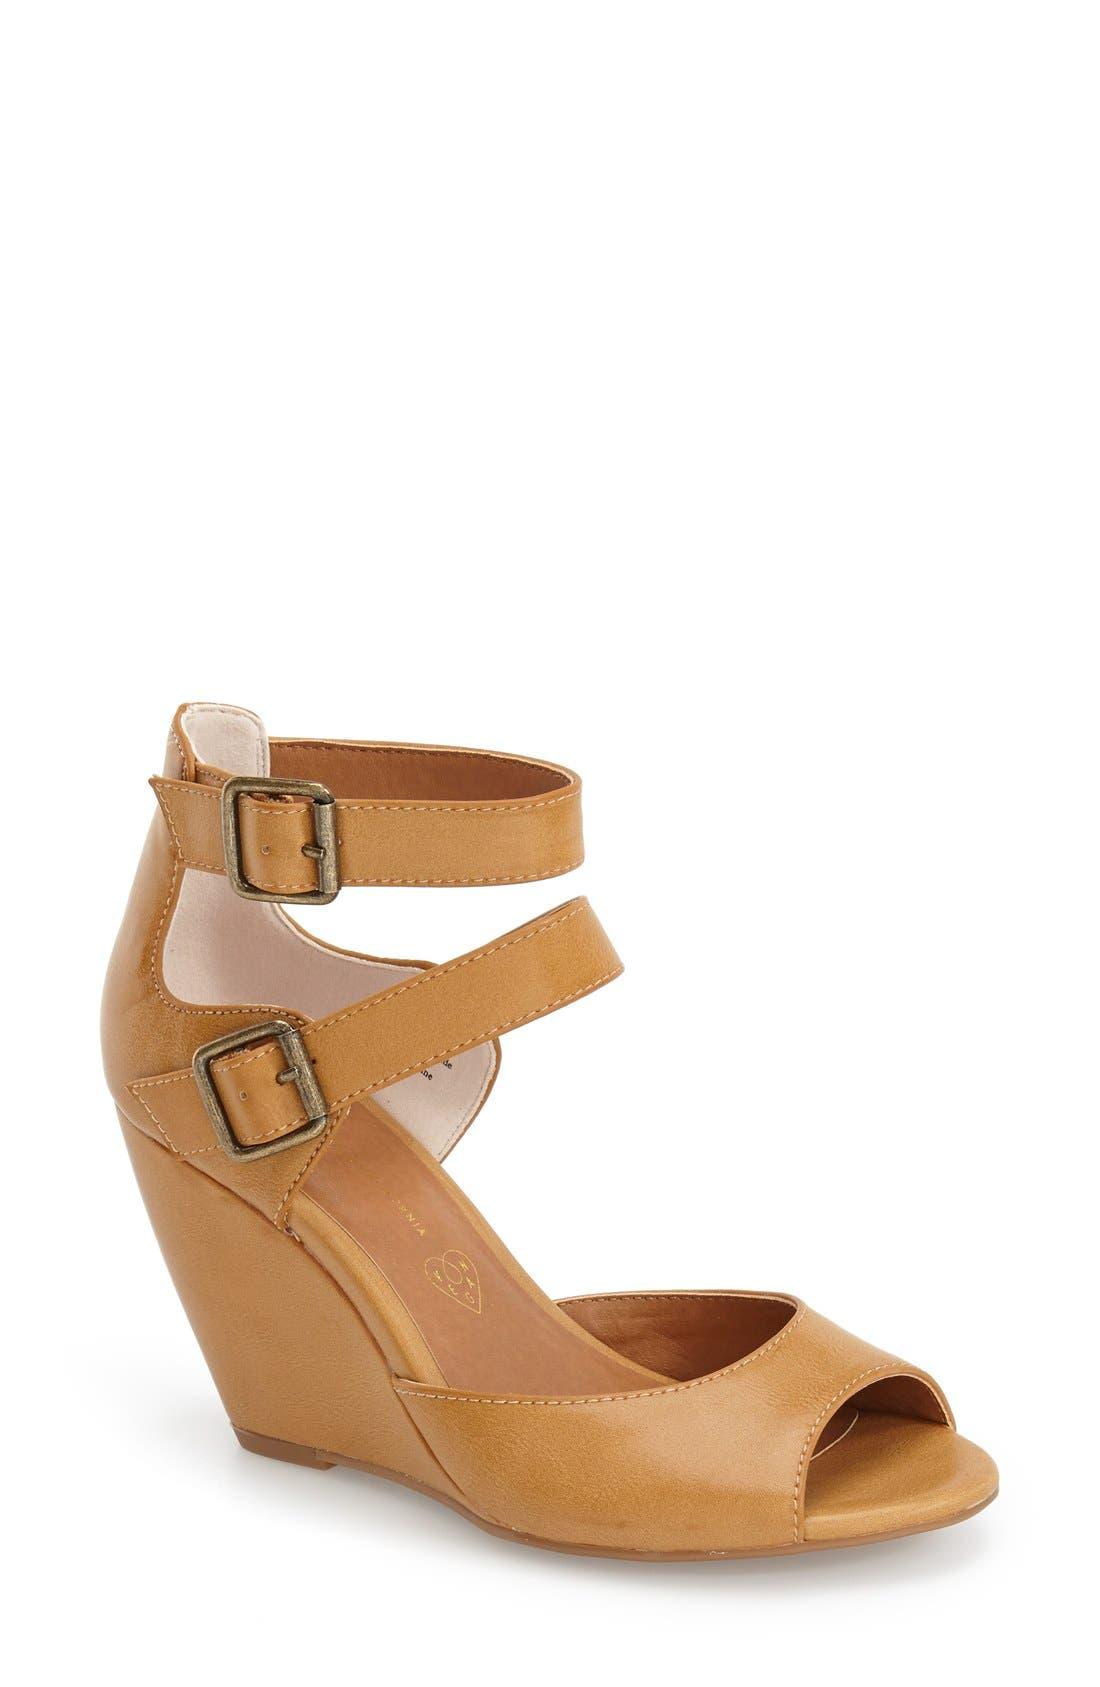 Alternate Image 1 Selected - BC Footwear 'Spark' Wedge Sandal (Women)